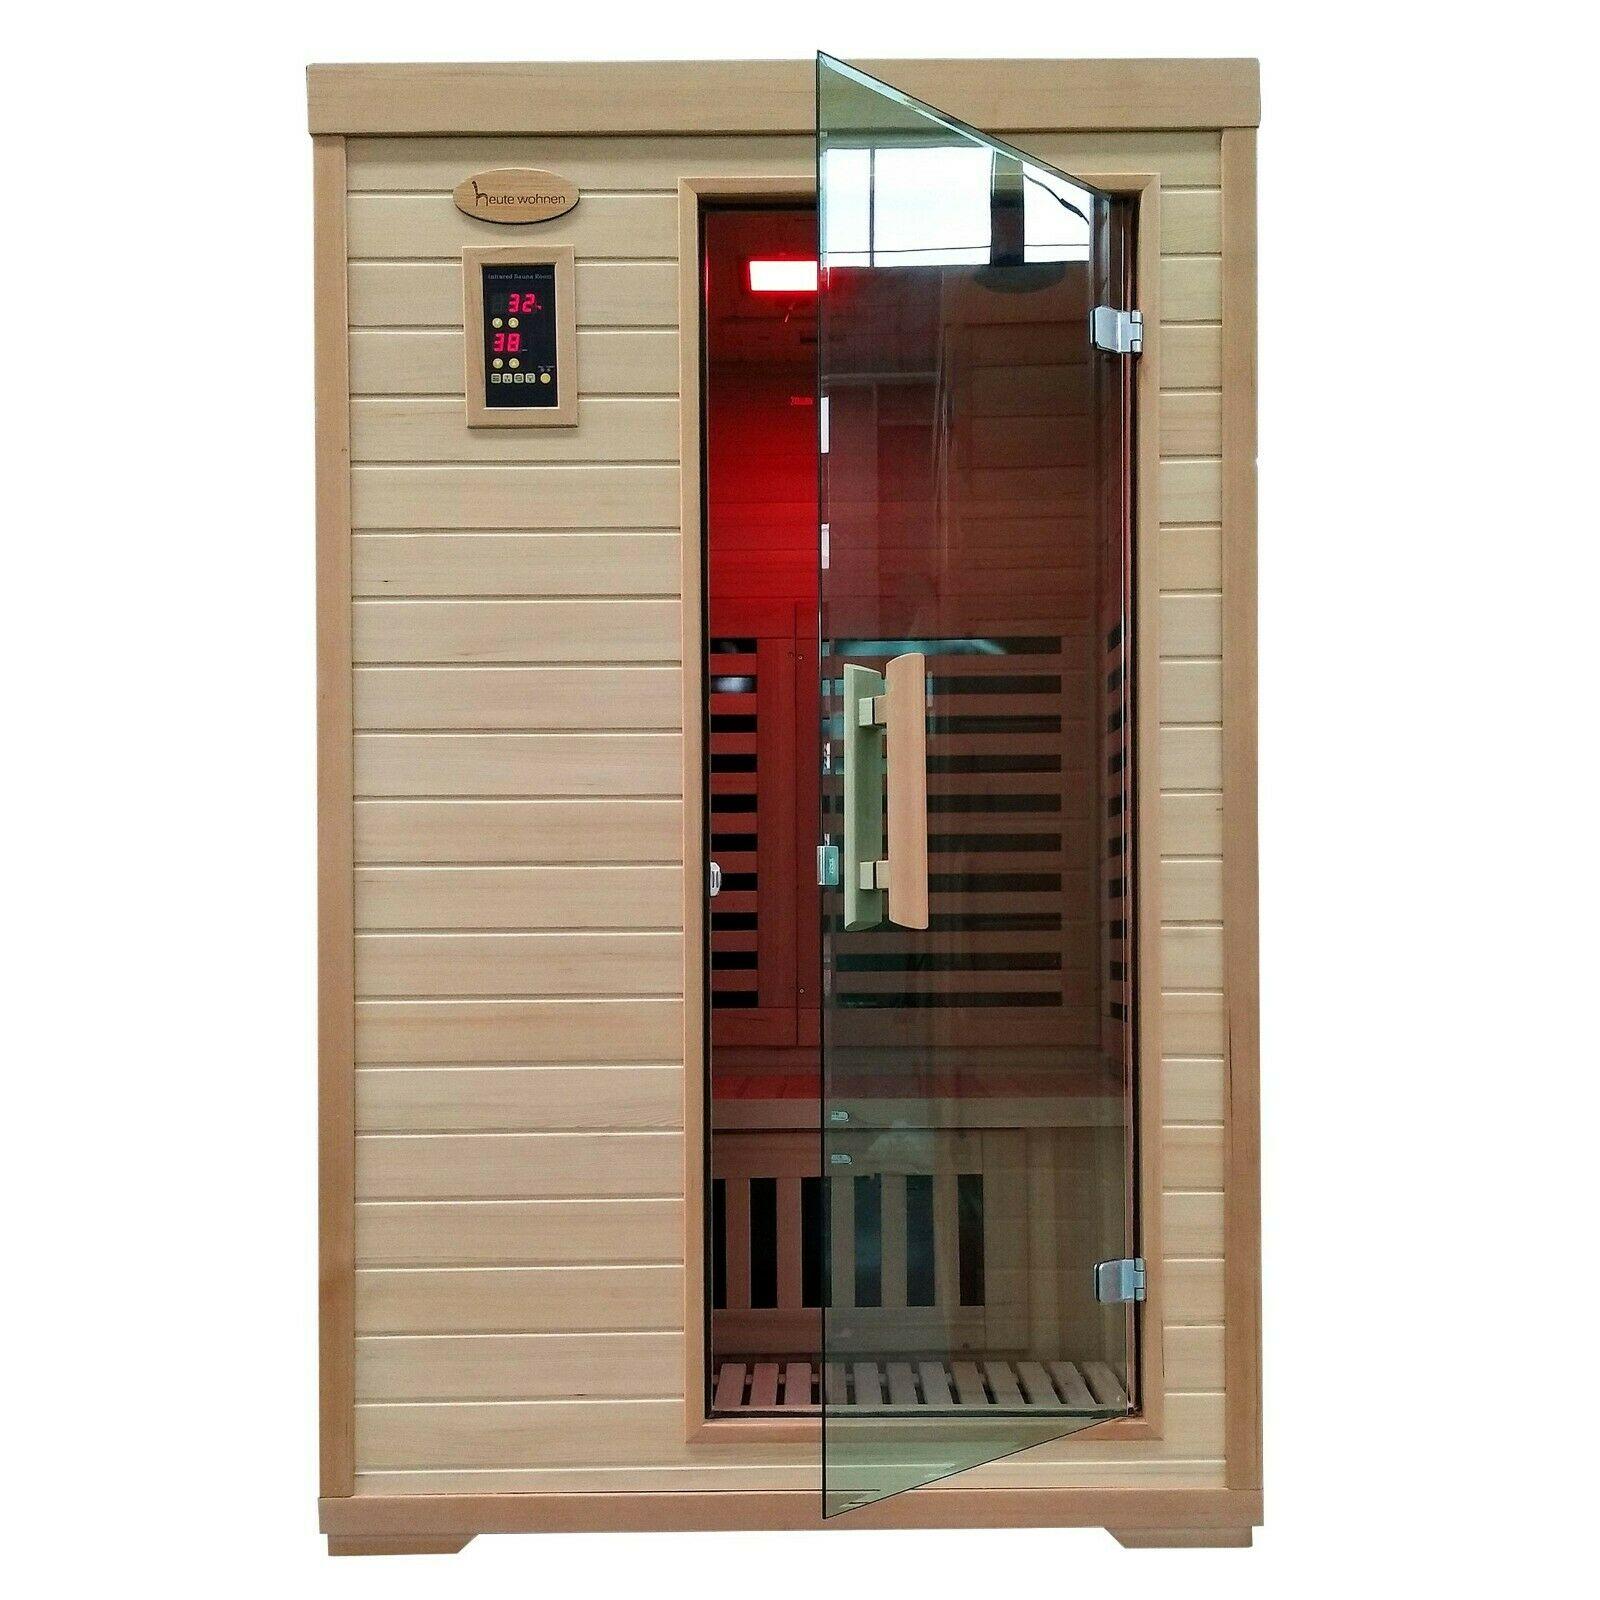 Full Size of 5e2642b12c7a2 Sofa Verkaufen Sauna Im Badezimmer Schüco Fenster Kaufen Regal Bad Online Regale Outdoor Küche Bett Hamburg Betten Günstig 180x200 Breaking Wohnzimmer Sauna Kaufen